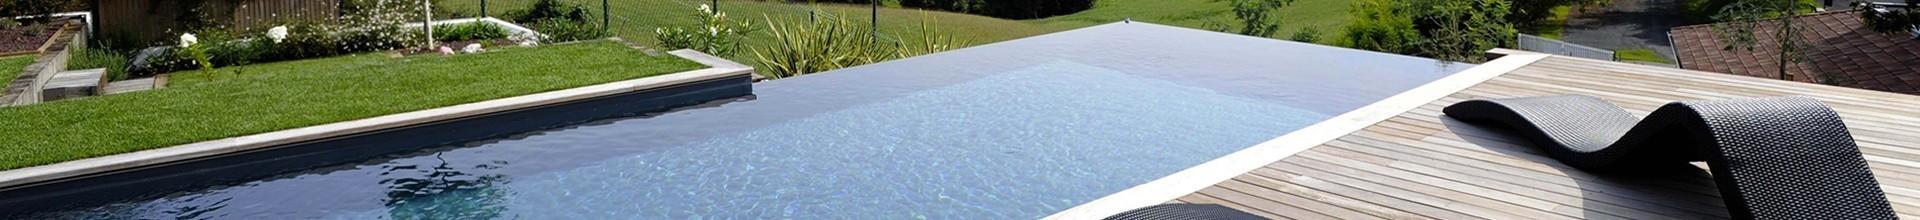 Direct usine piscine coque prix Auvergne Rhône Alpes